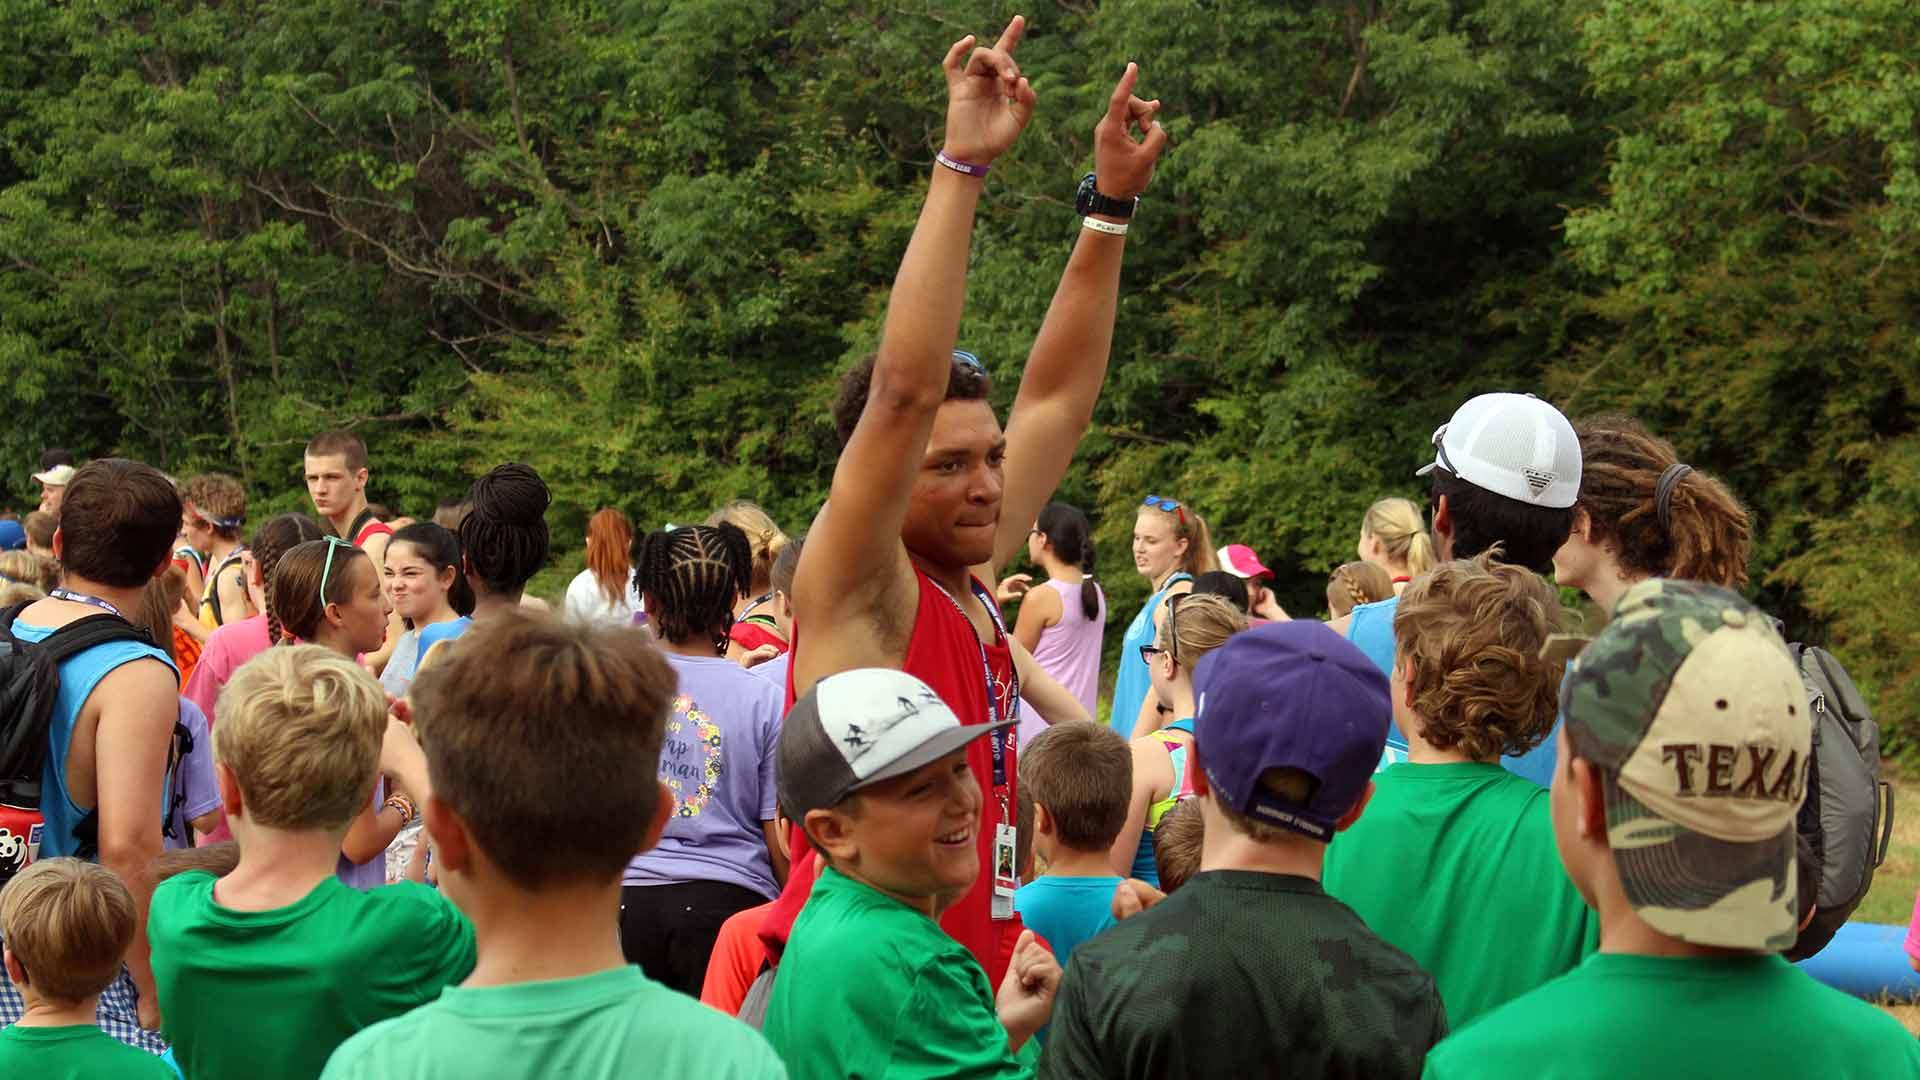 Taz Rally at camp thurman